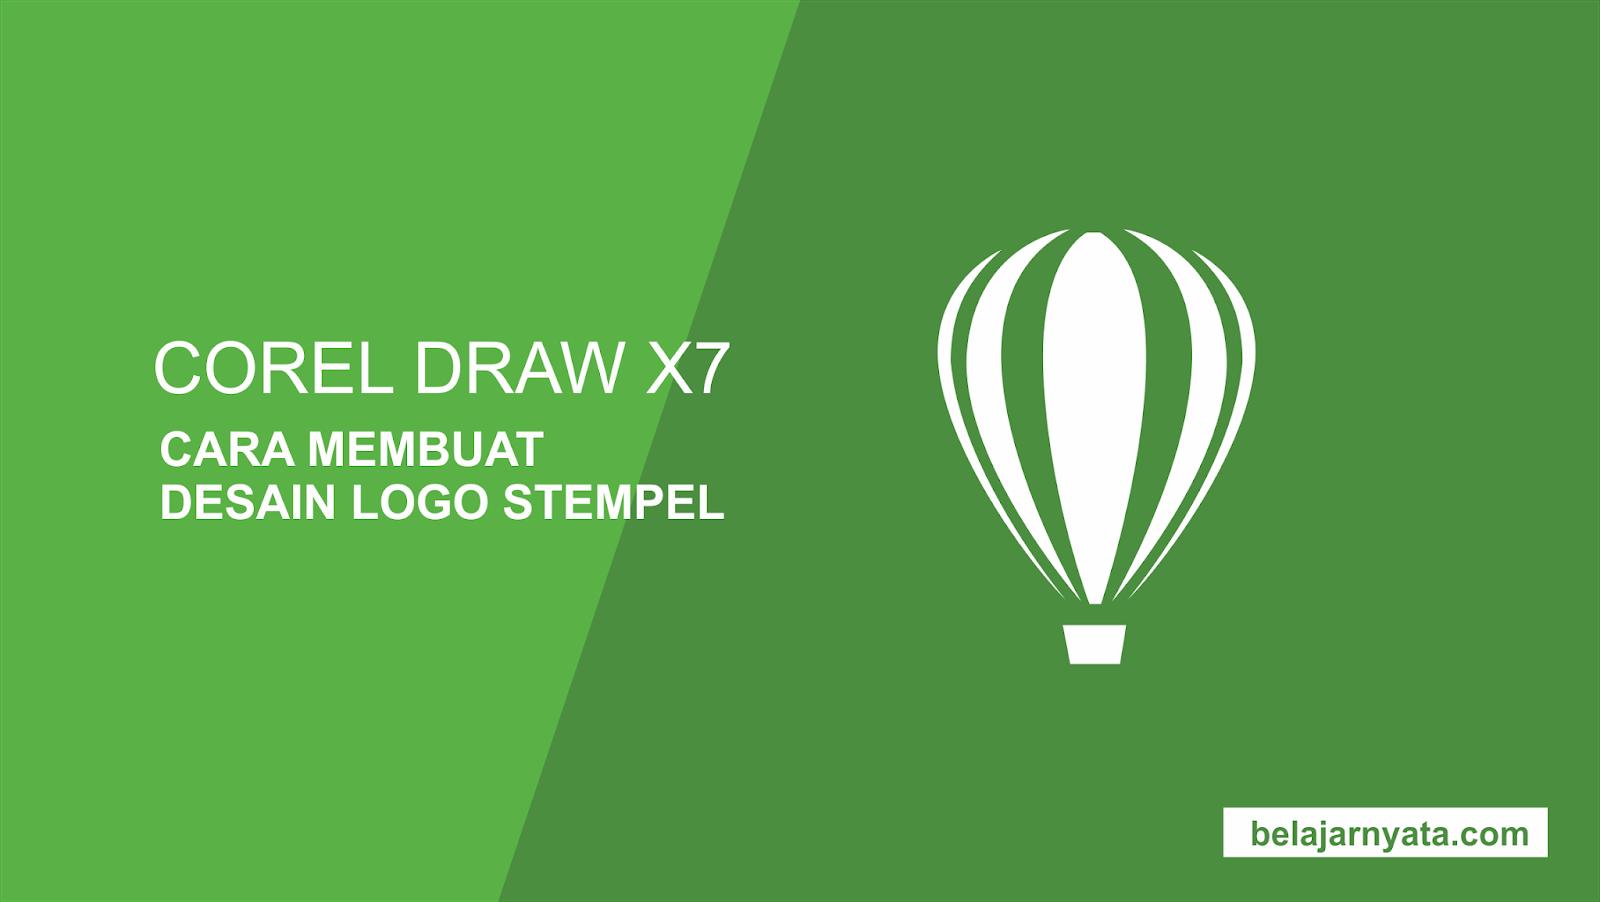 41 Koleksi Foto Desain Logo Dengan Corel Draw X7 Terbaik